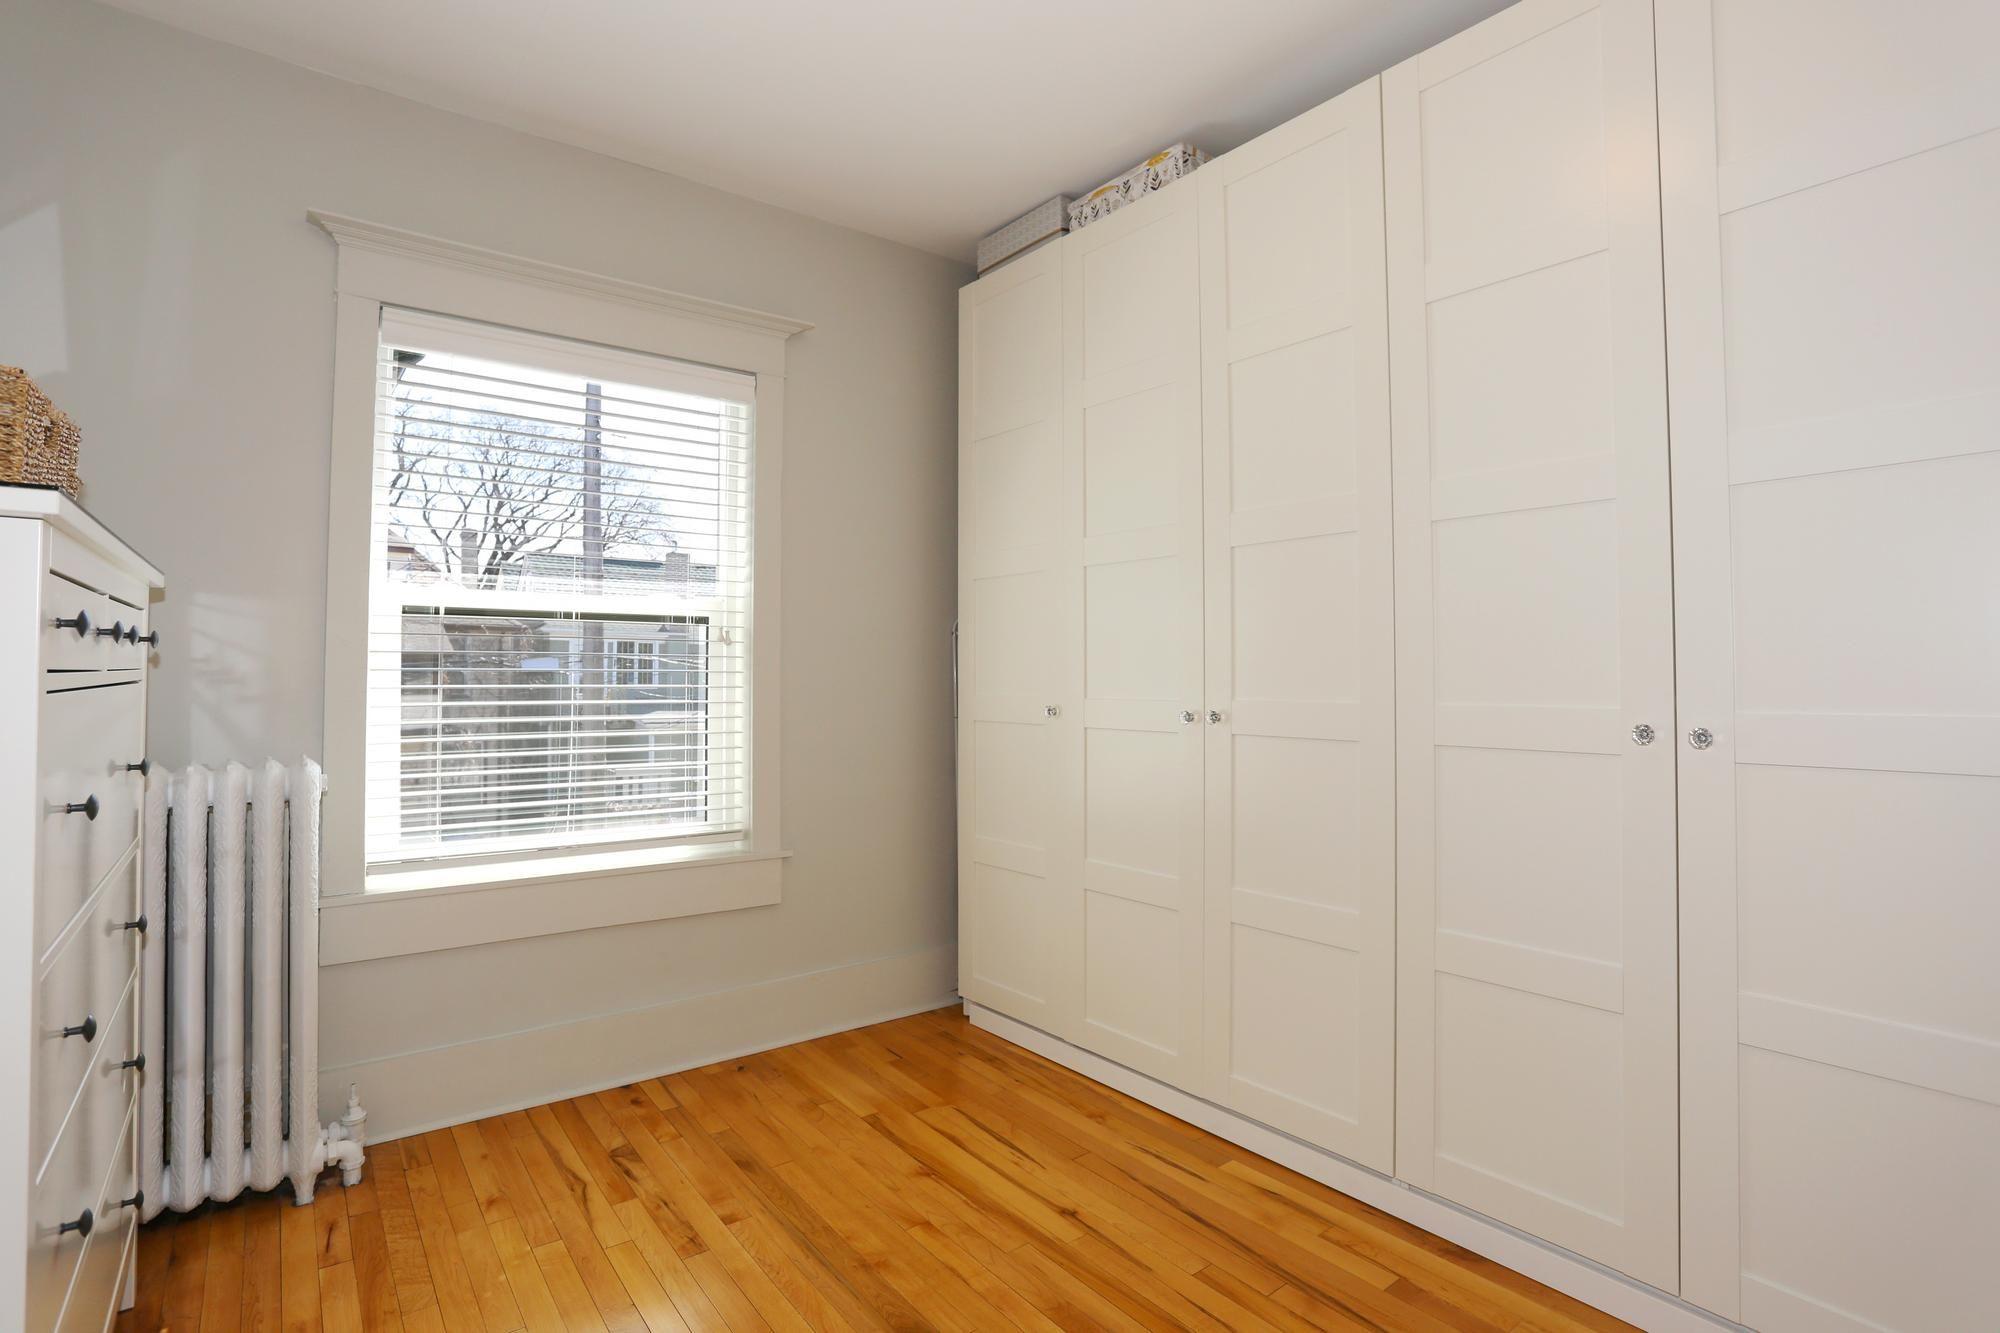 Photo 42: Photos: 121 Ruby Street in Winnipeg: Wolseley Single Family Detached for sale (5B)  : MLS®# 1808798